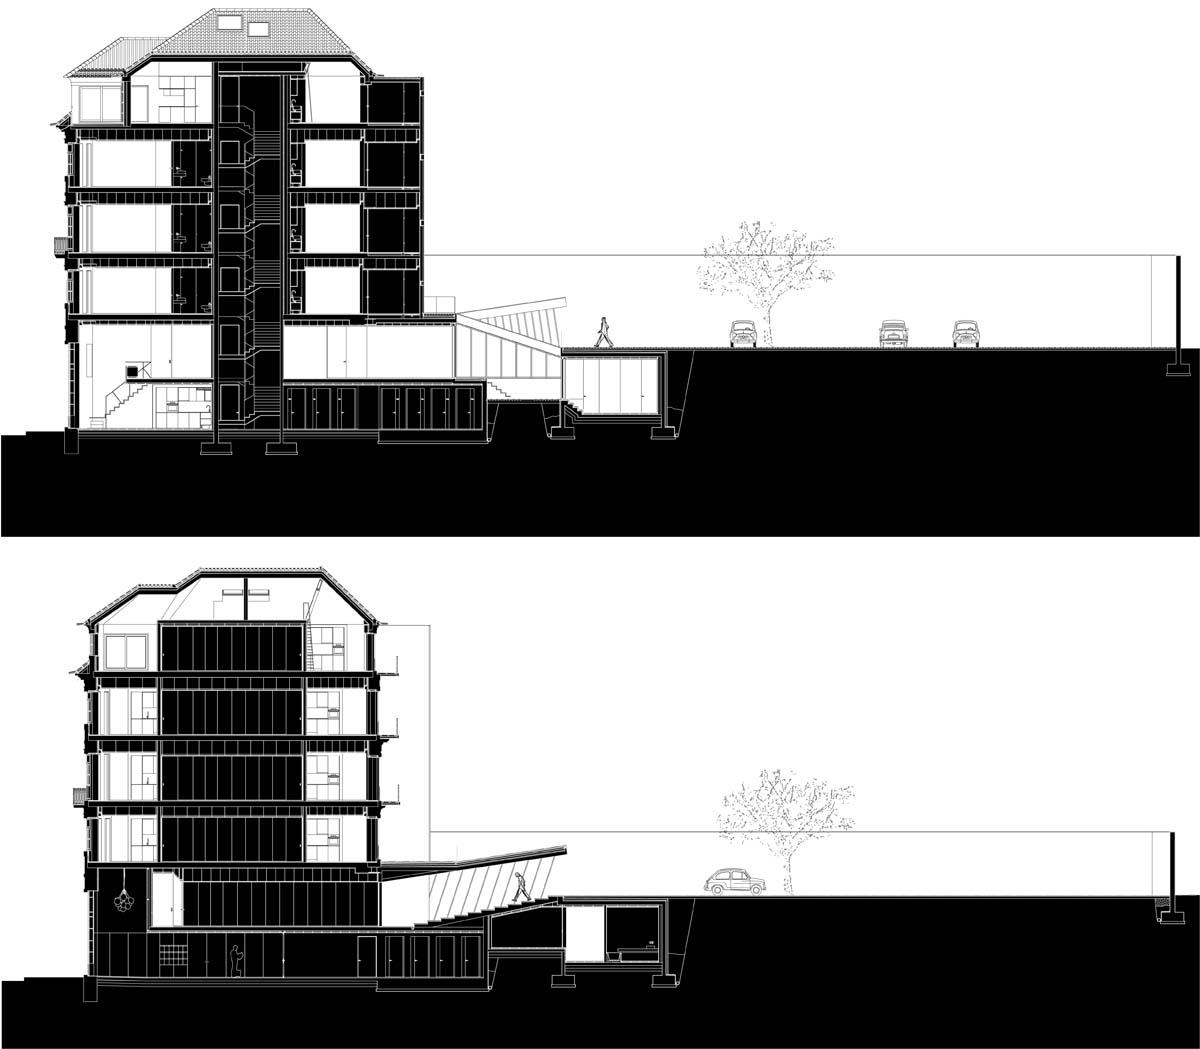 现在DM2大楼必须接受改造以使其成为合格的住宅楼来得已继续使用。    因此,DM2大楼整体被划分出17个单元,面积为28~105平方米的T0和T1两种户型分布在五个楼层,,大楼还配备一个用于停车的景观庭院。    现在大楼的重建工作已经完成。改建后的建筑保留了原来的居住功能,既突出了大楼本身在建筑形态上的特点,又符合波尔图市中心整体的现代感。